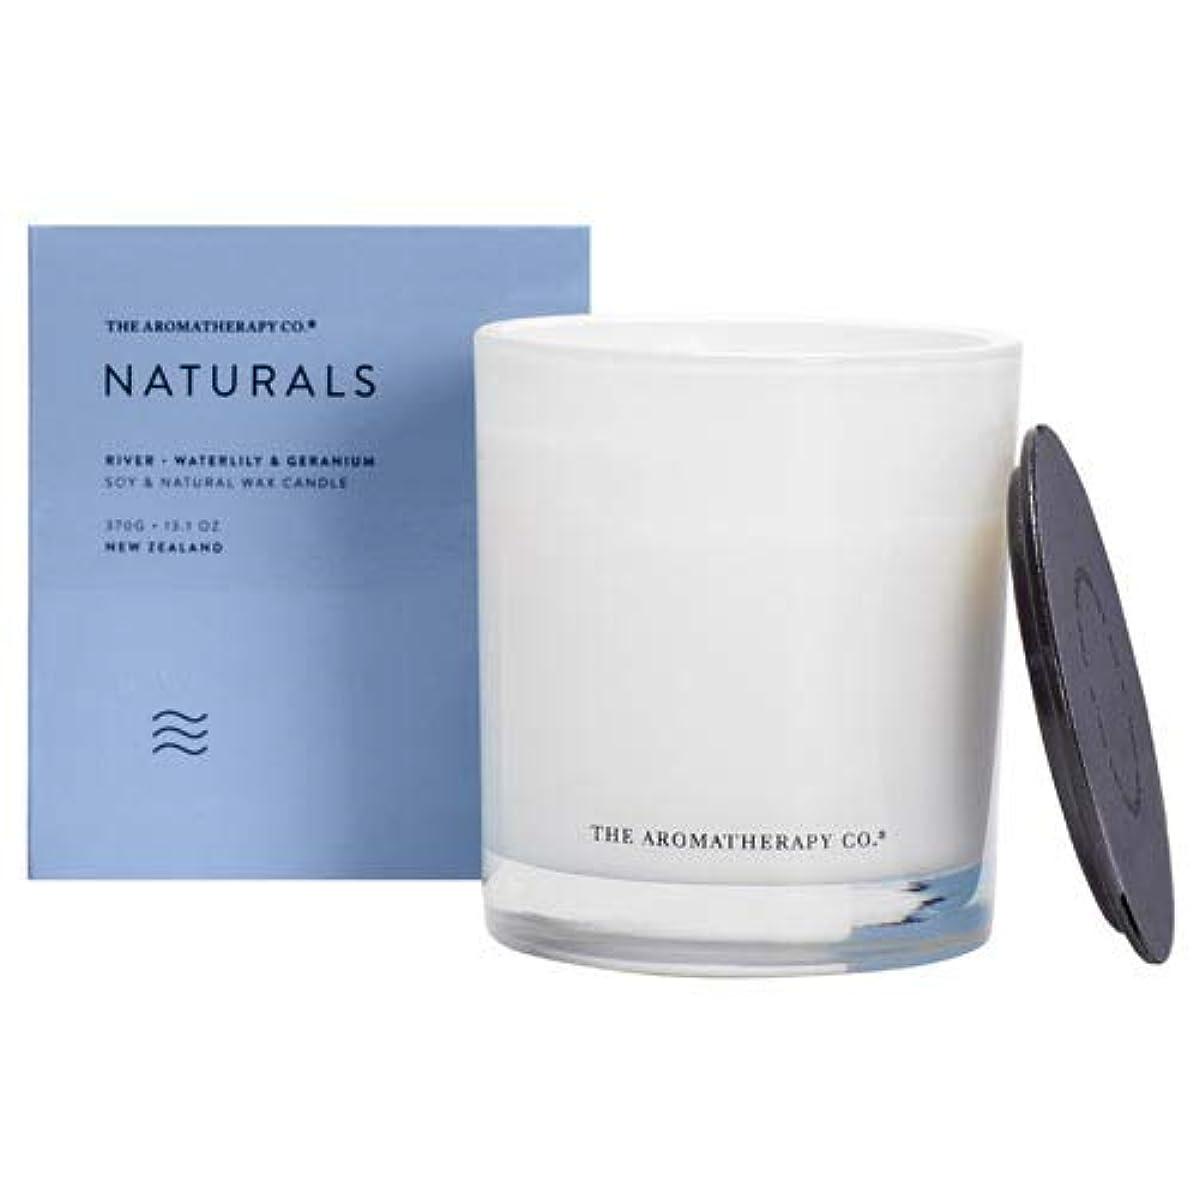 電気陽性に付ける不公平アロマセラピーカンパニー(Aromatherapy Company) new NATURALS ナチュラルズ Candle キャンドル River リバー(川) Waterlily & Geranium ウォーターリリー&ゼラニウム